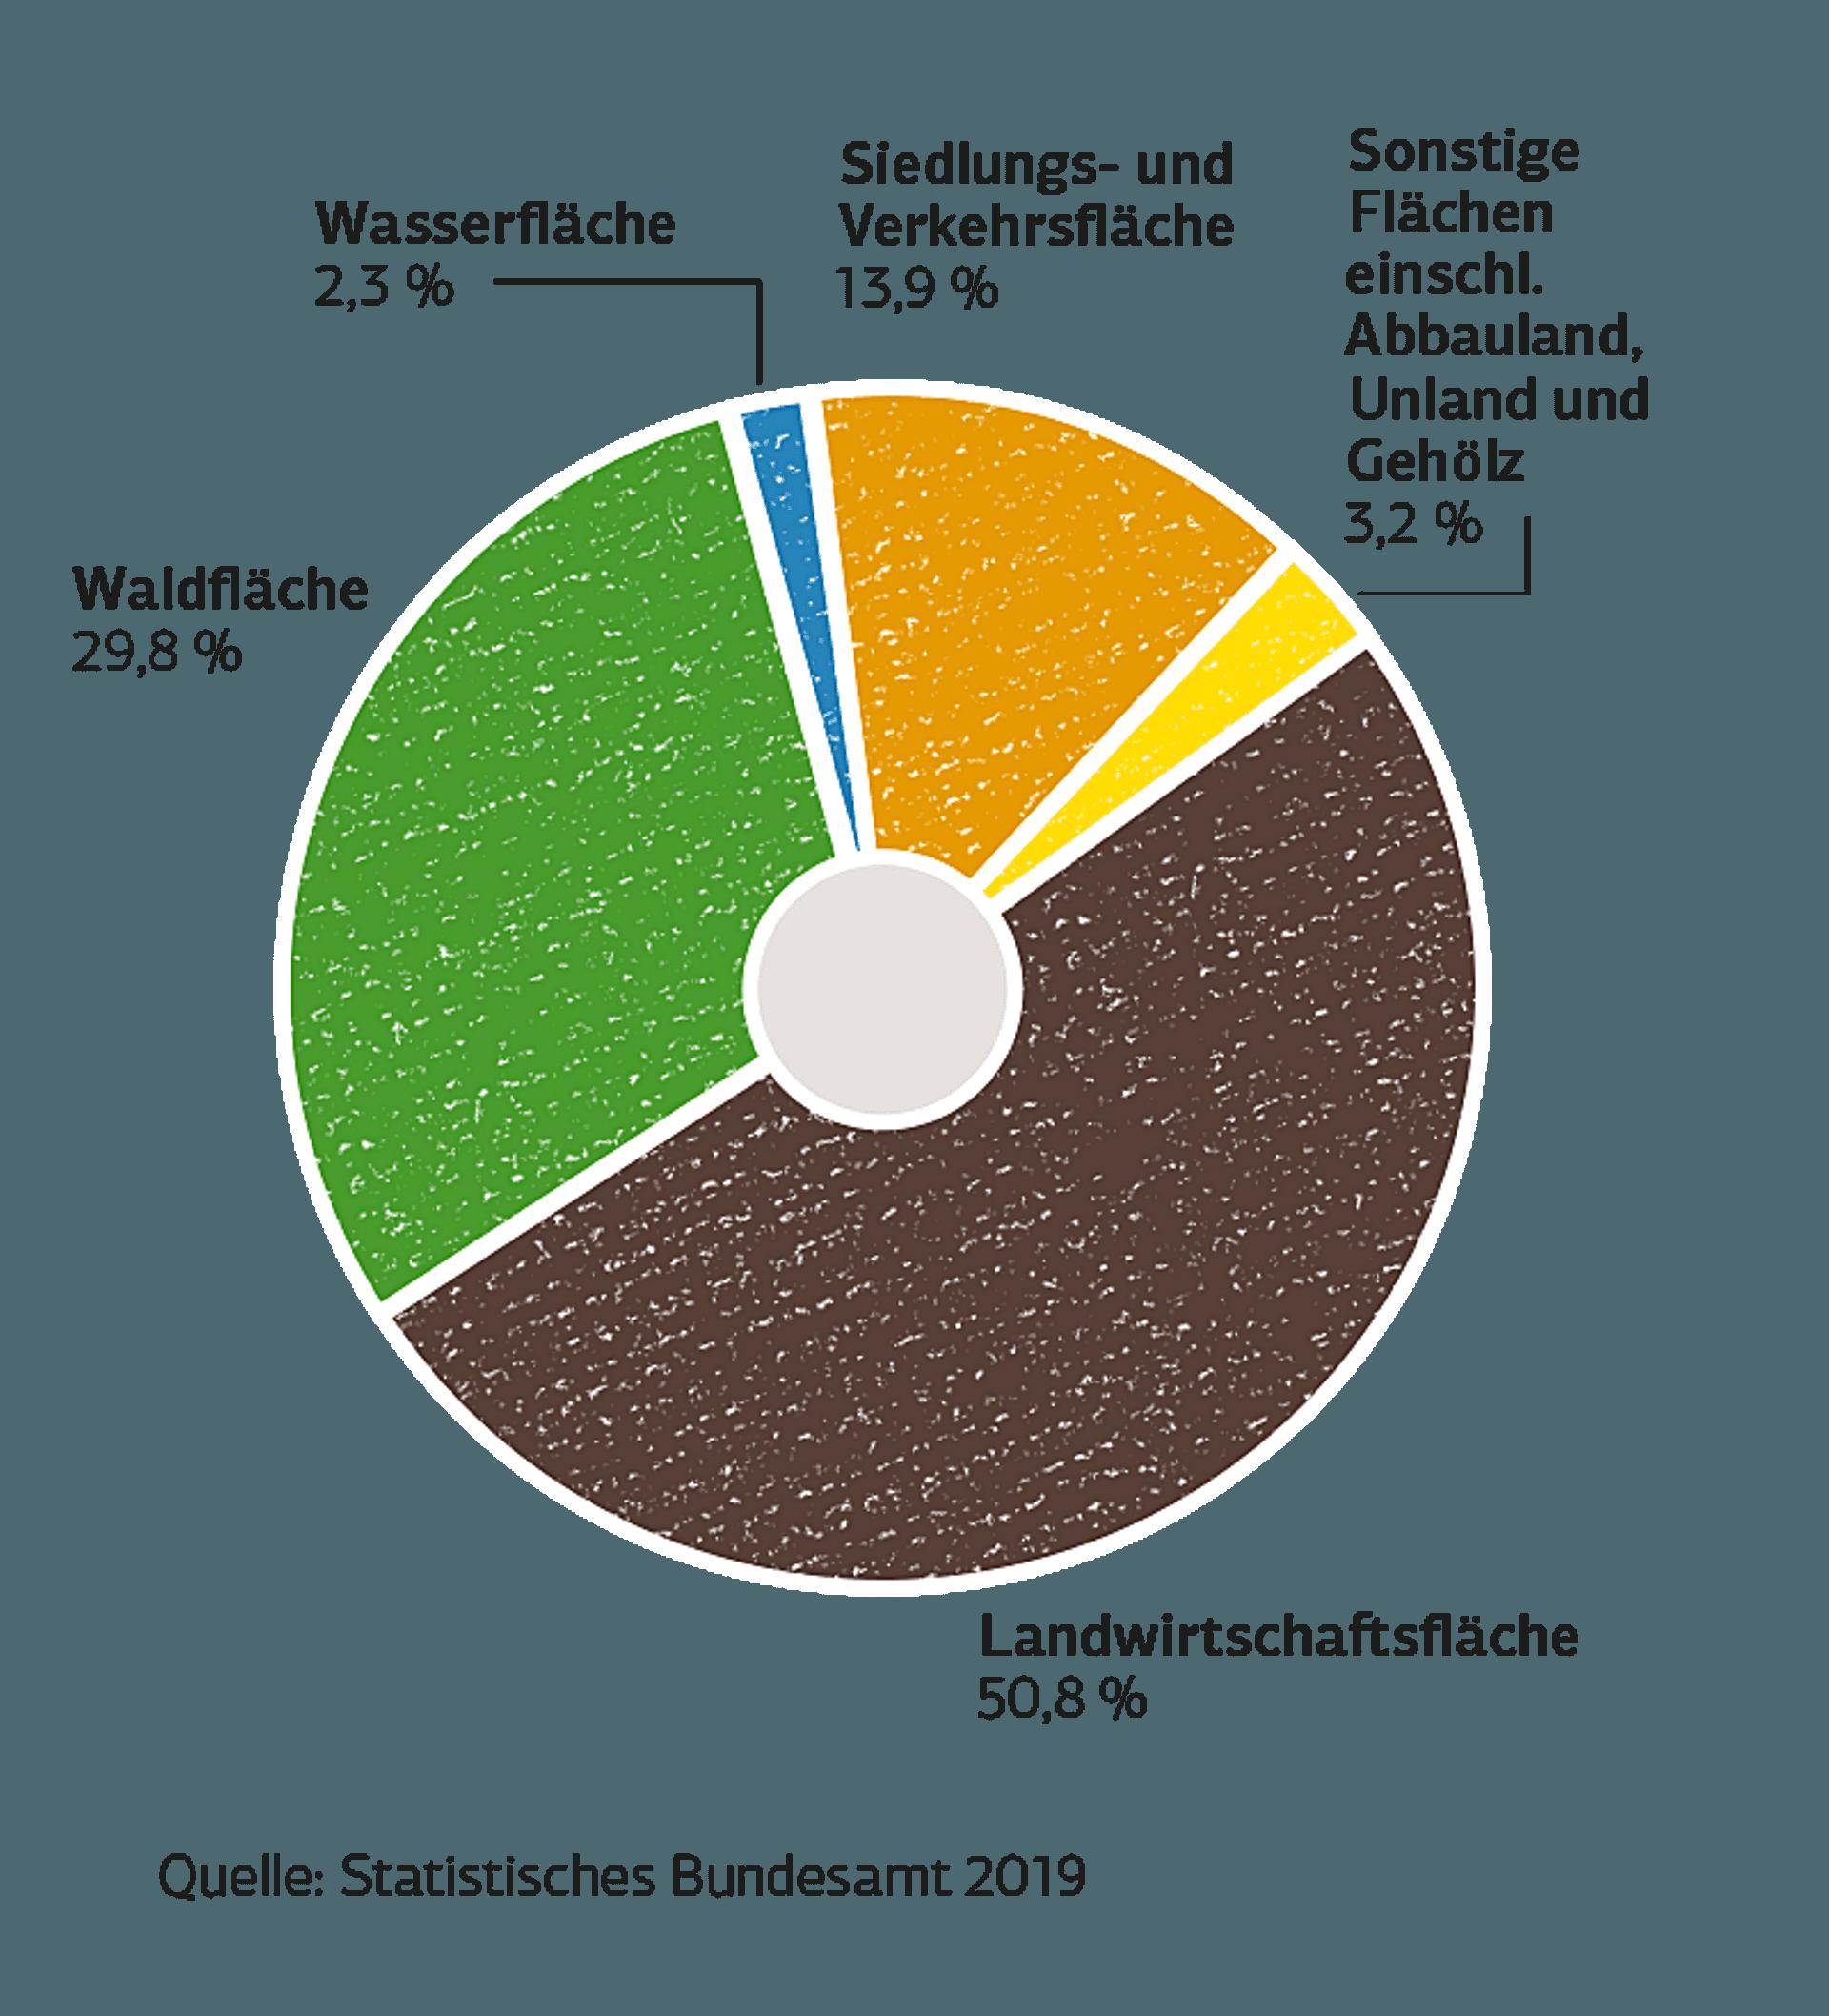 Ein Tortendiagramm zeigt, wie sich die Fläche in Deutschland aufteilt.